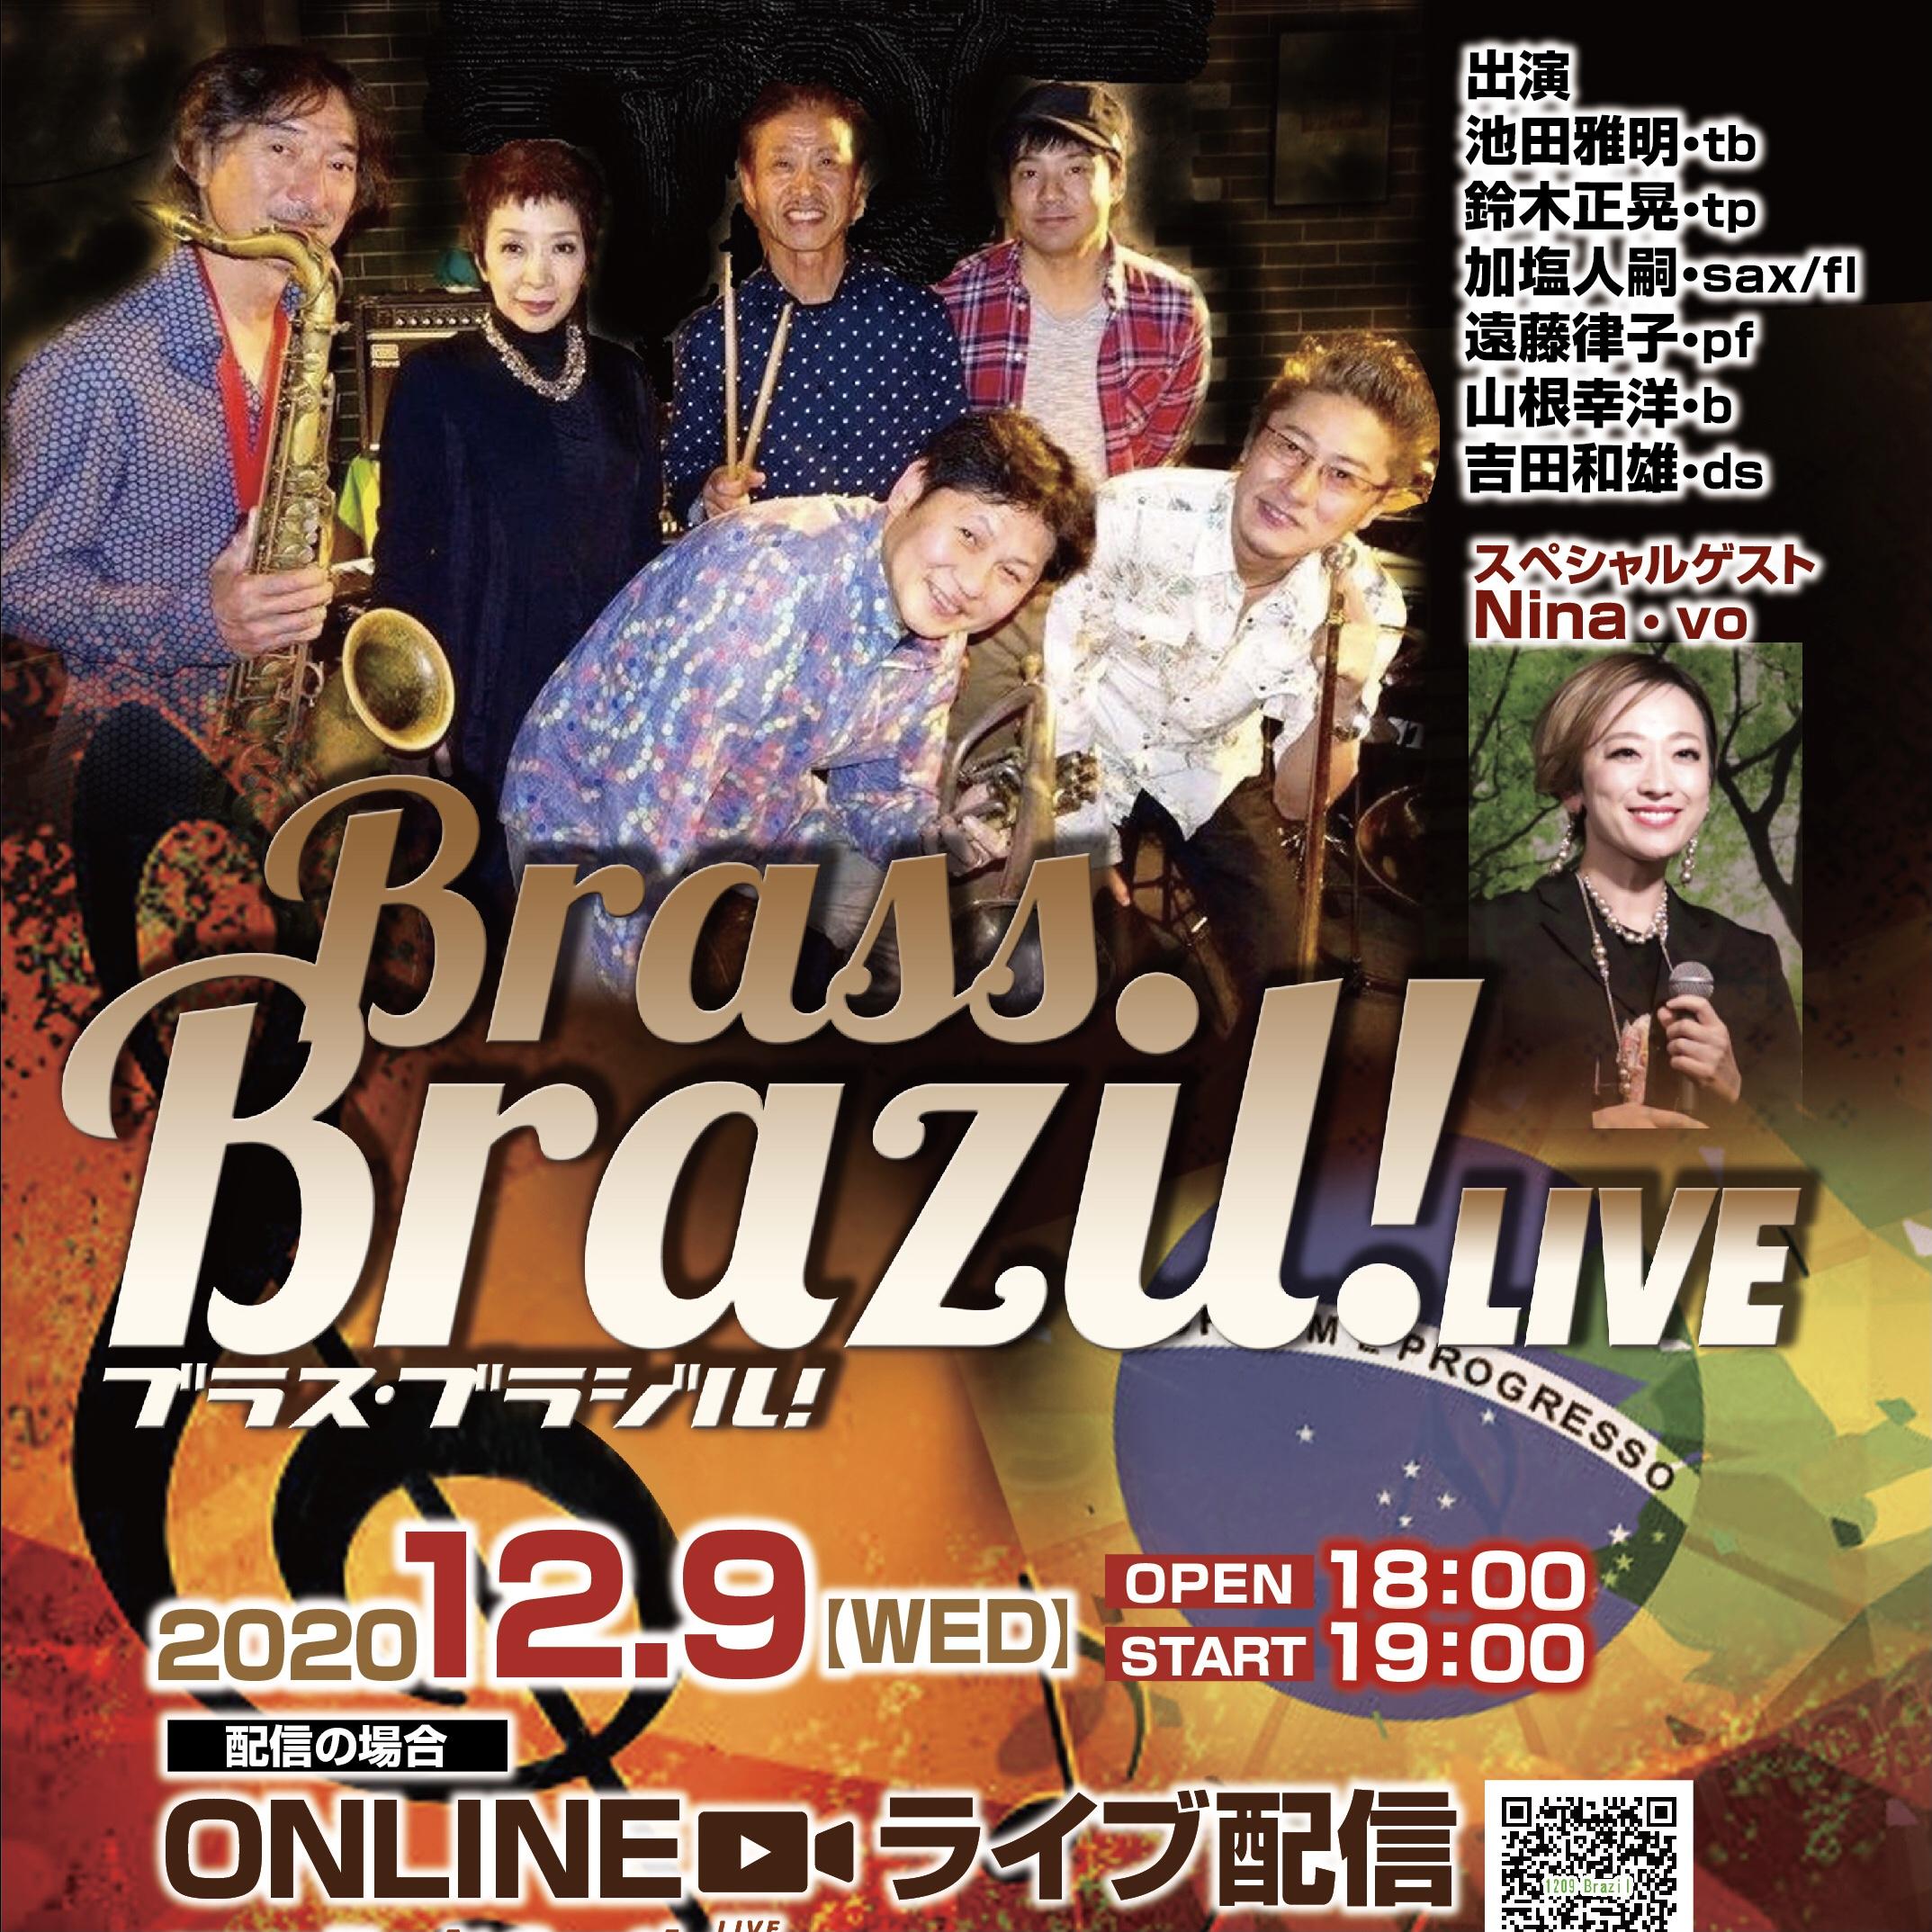 Brass Brazil!